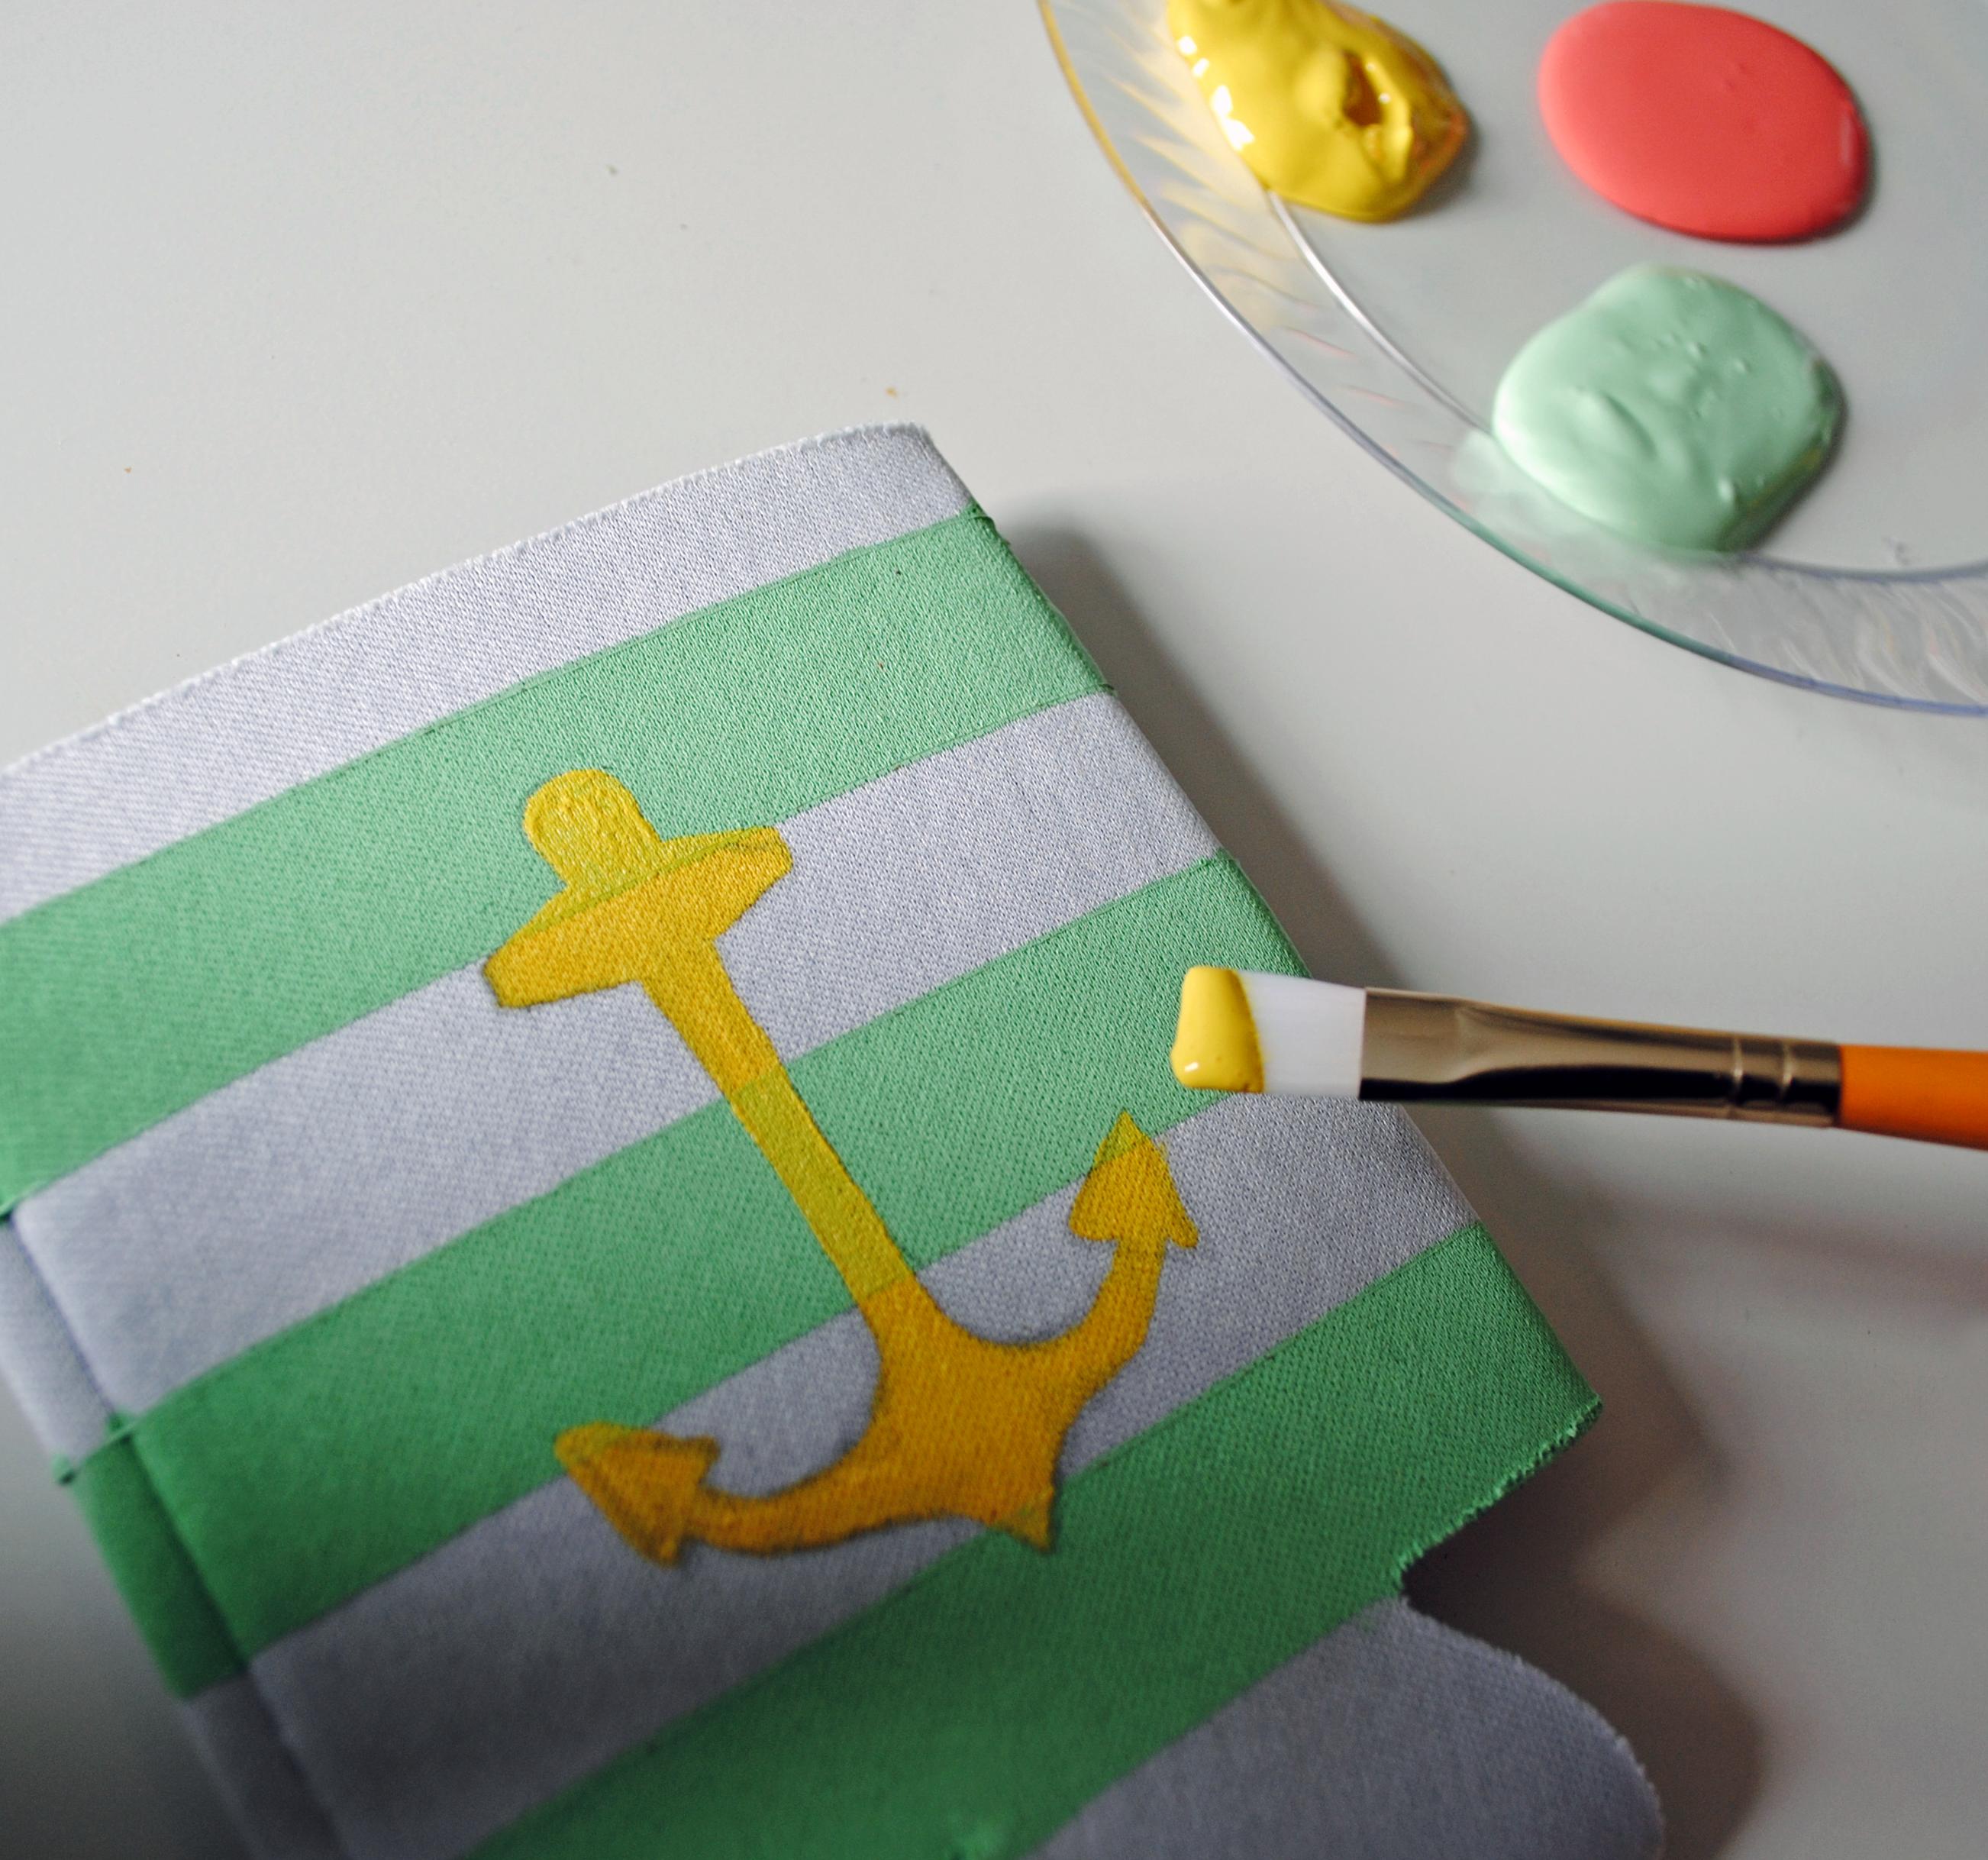 Seagrams Escapes Summer DIY 4